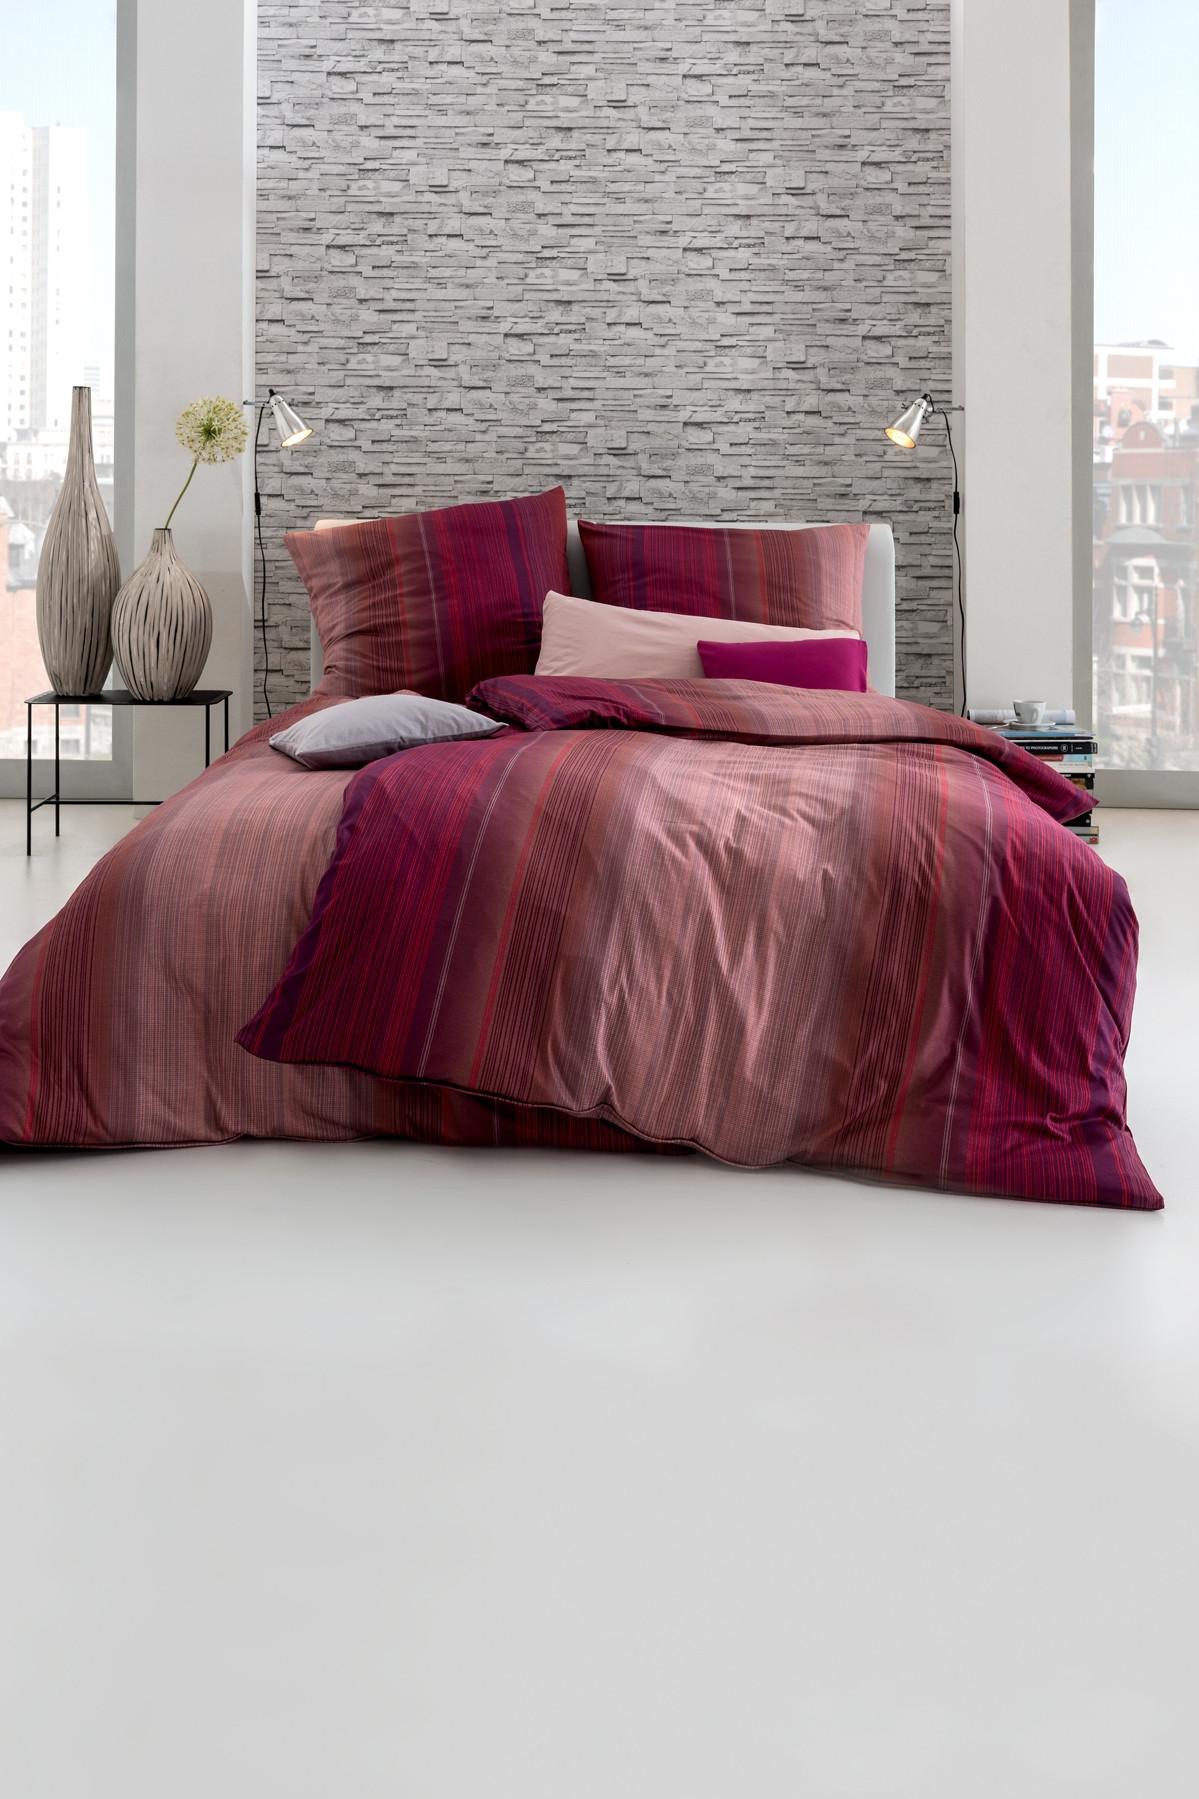 estella interlock mako jersey bettw sche luke in ziegel 135 x 200 155 x 220 schlafst. Black Bedroom Furniture Sets. Home Design Ideas